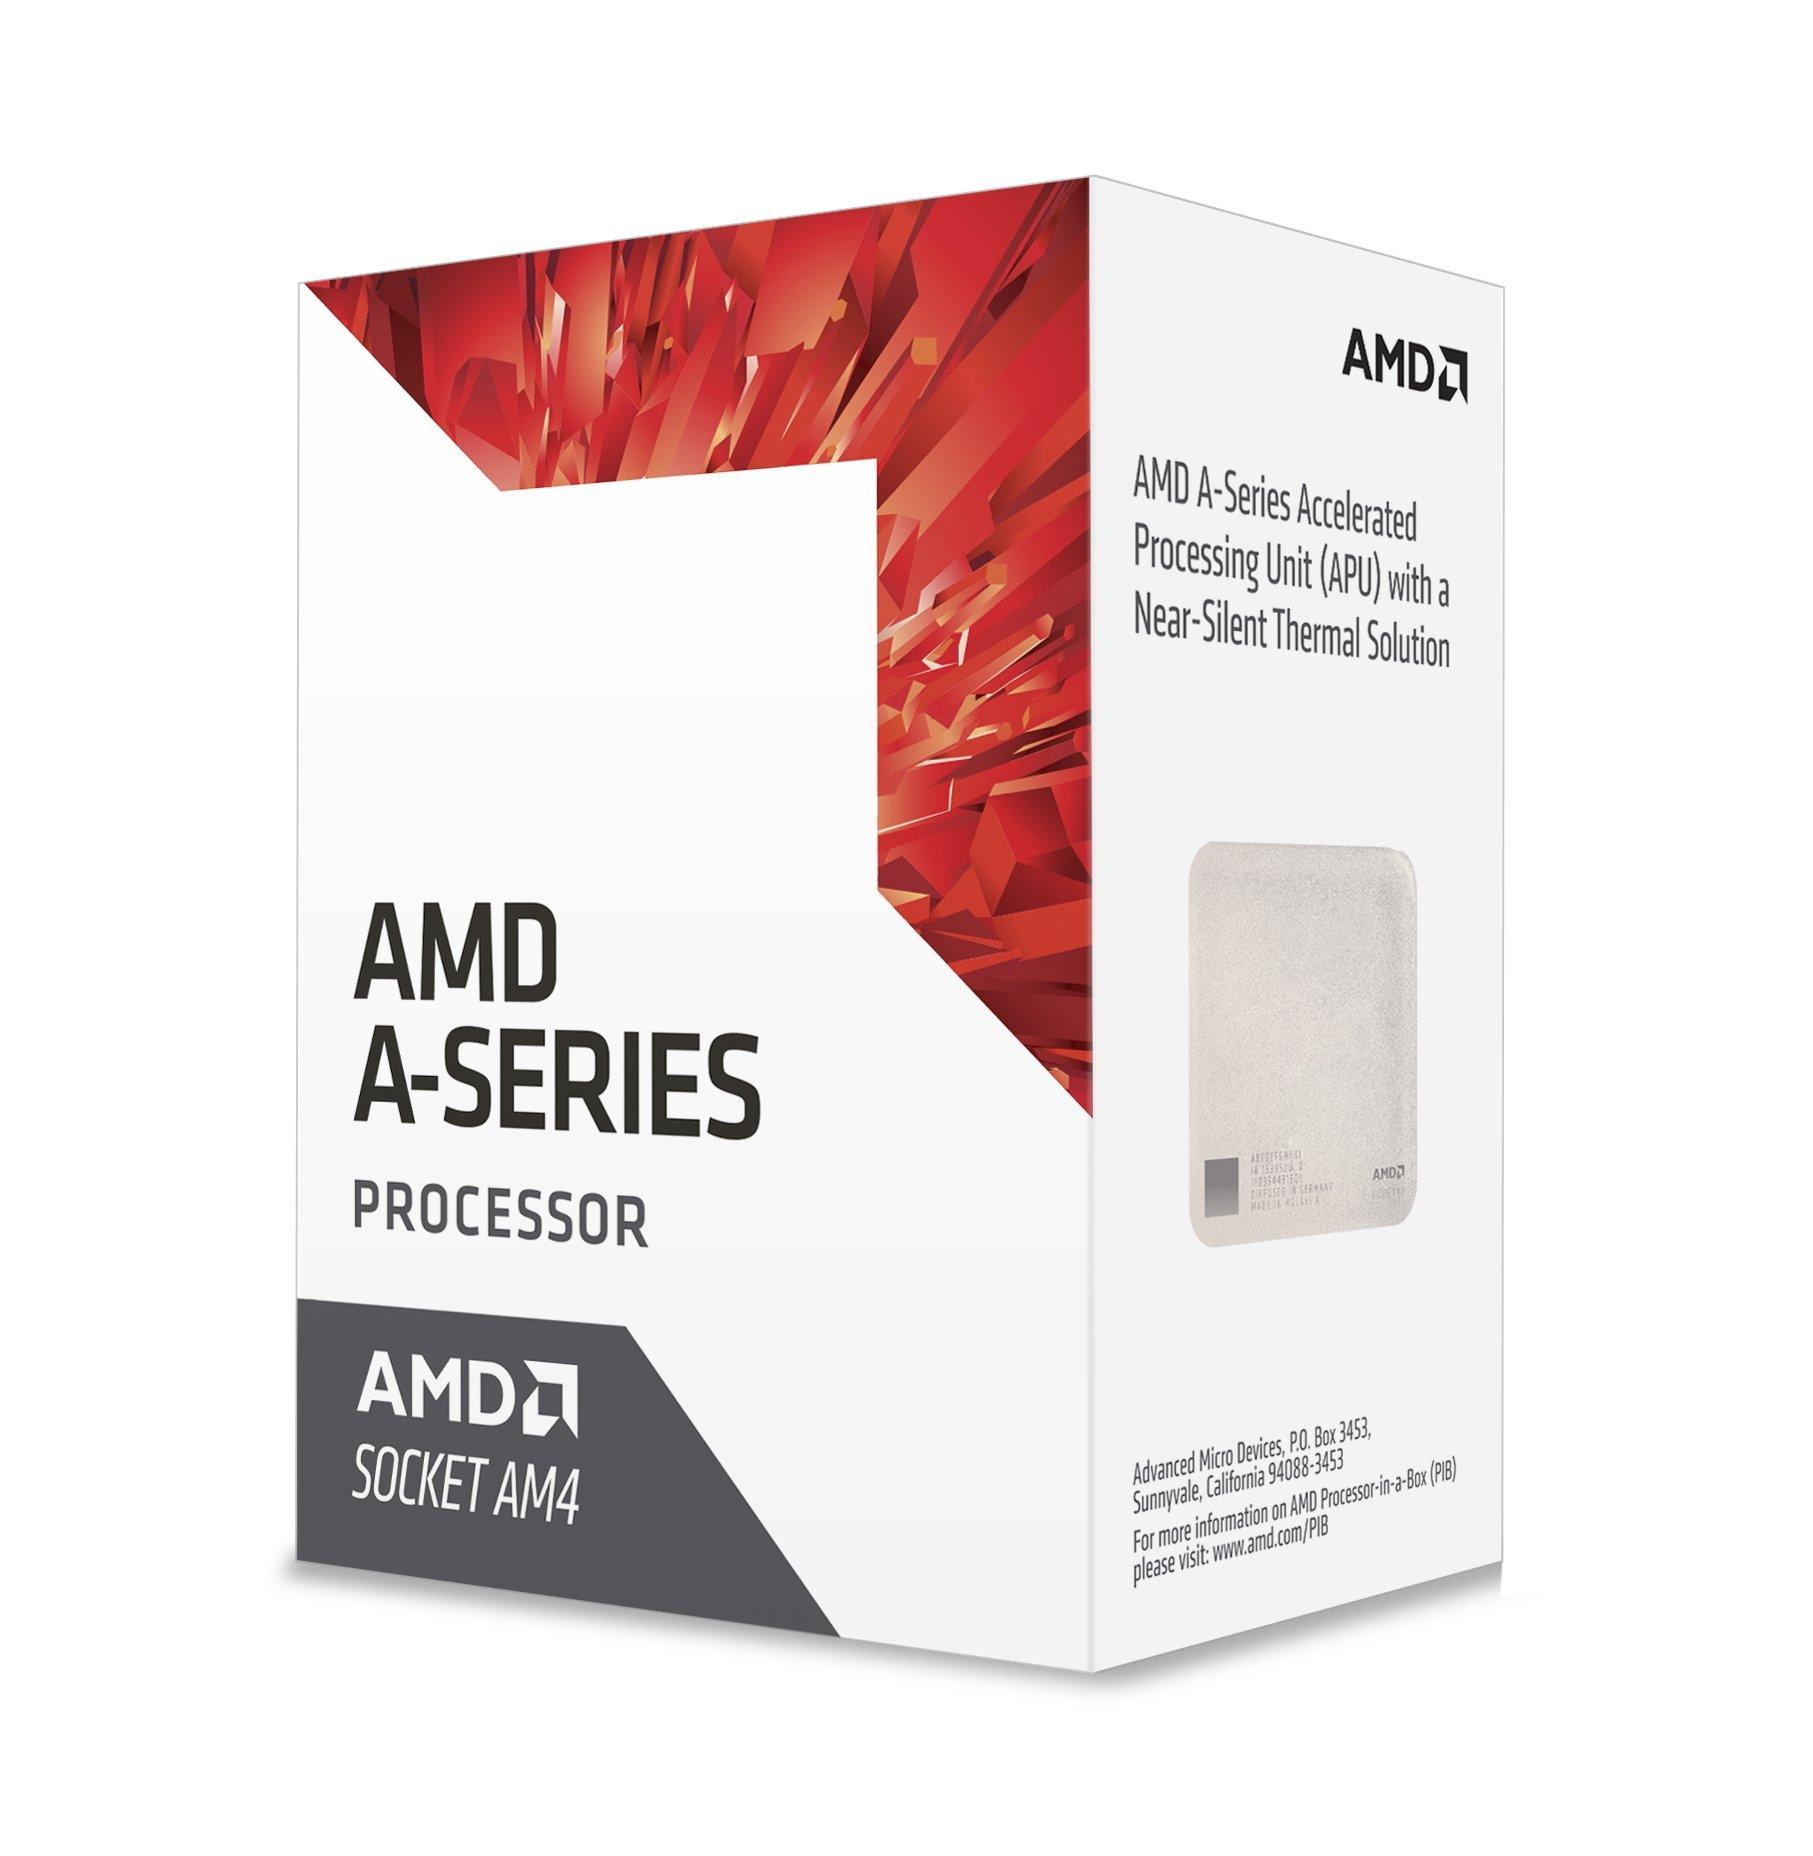 AMD-A-Series-A10-9700-Processor-AM4-Quad-Core-350GHz-2MB-L2-65W-R7-AD9700AGABBOX